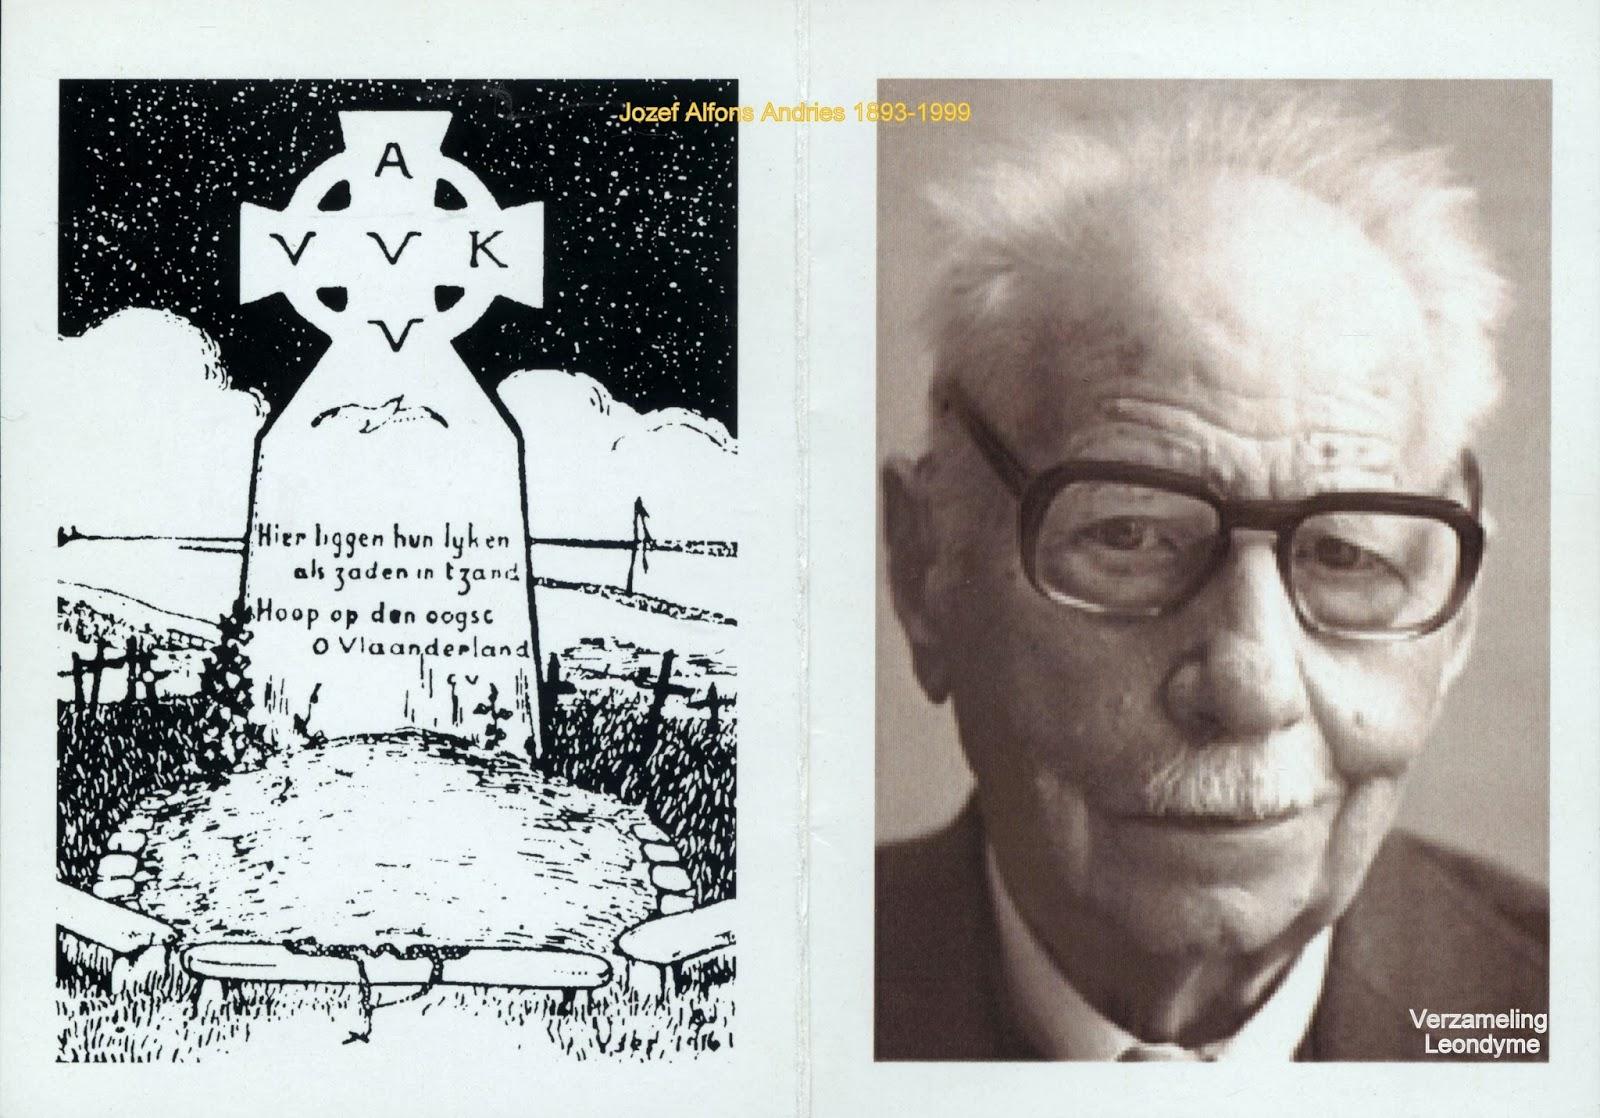 Voorzijde bidprentje Jozef Alfons Andries 1893-1999